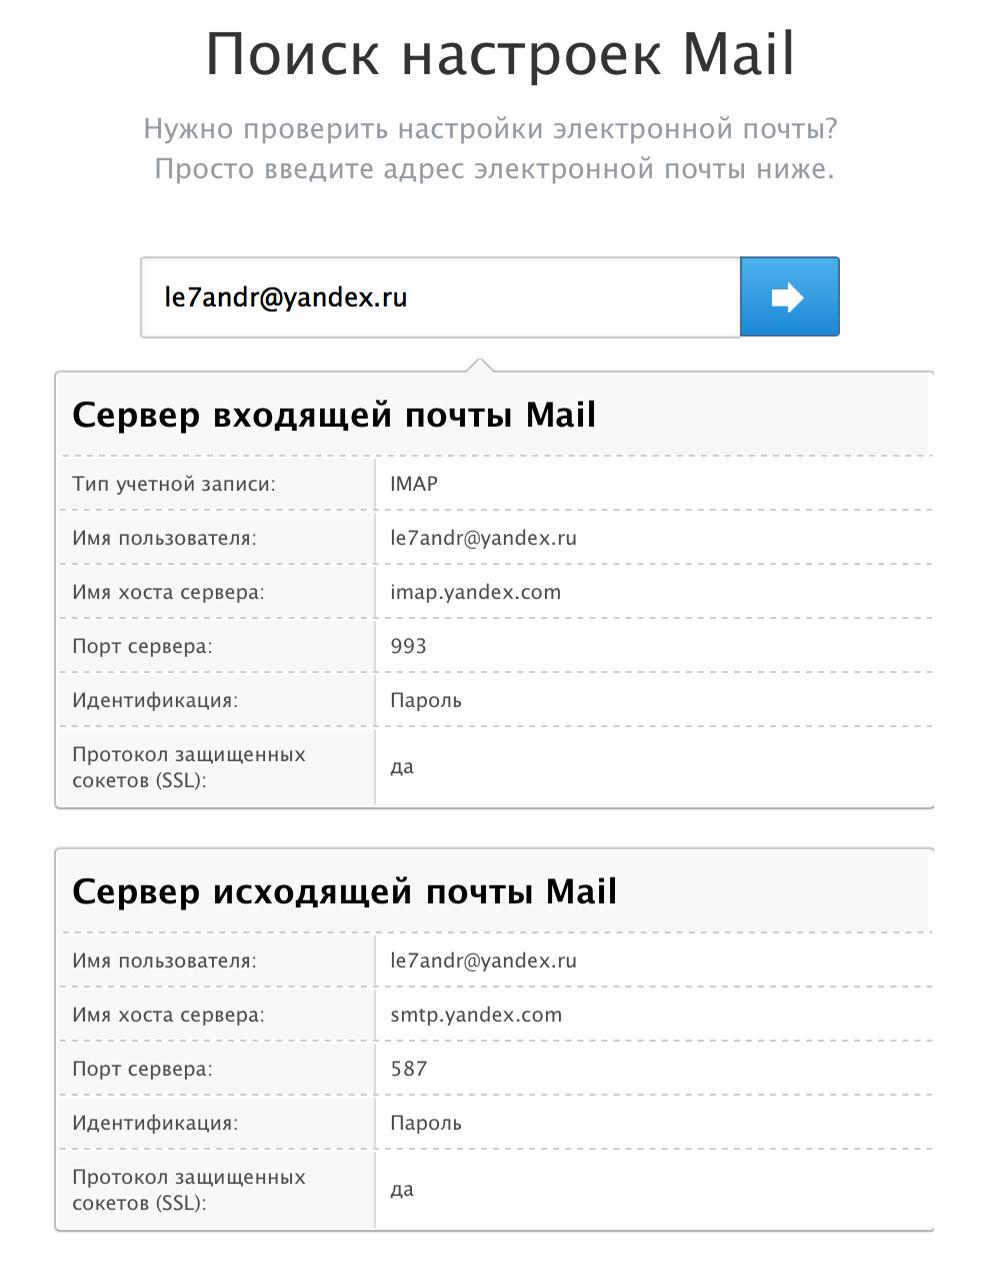 Как настроить почту в iPhone: Gmail, Яндекс, Mail.ru, Rambler, Ukr ...